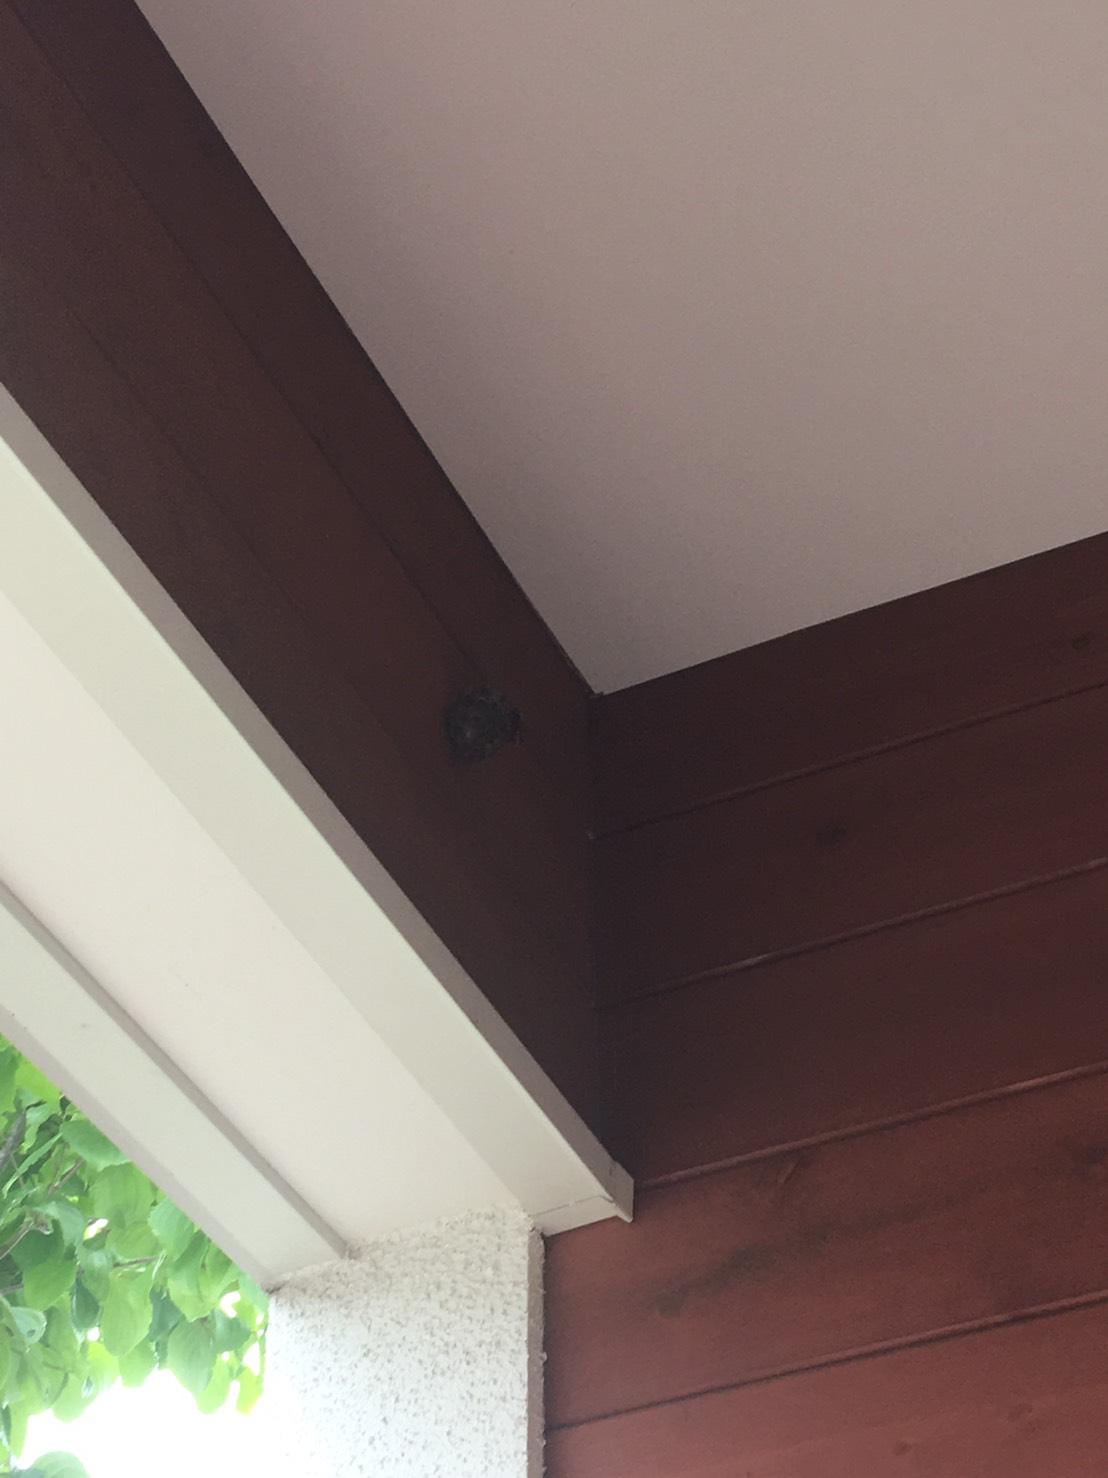 千葉県守谷市の蜂の巣駆除現場